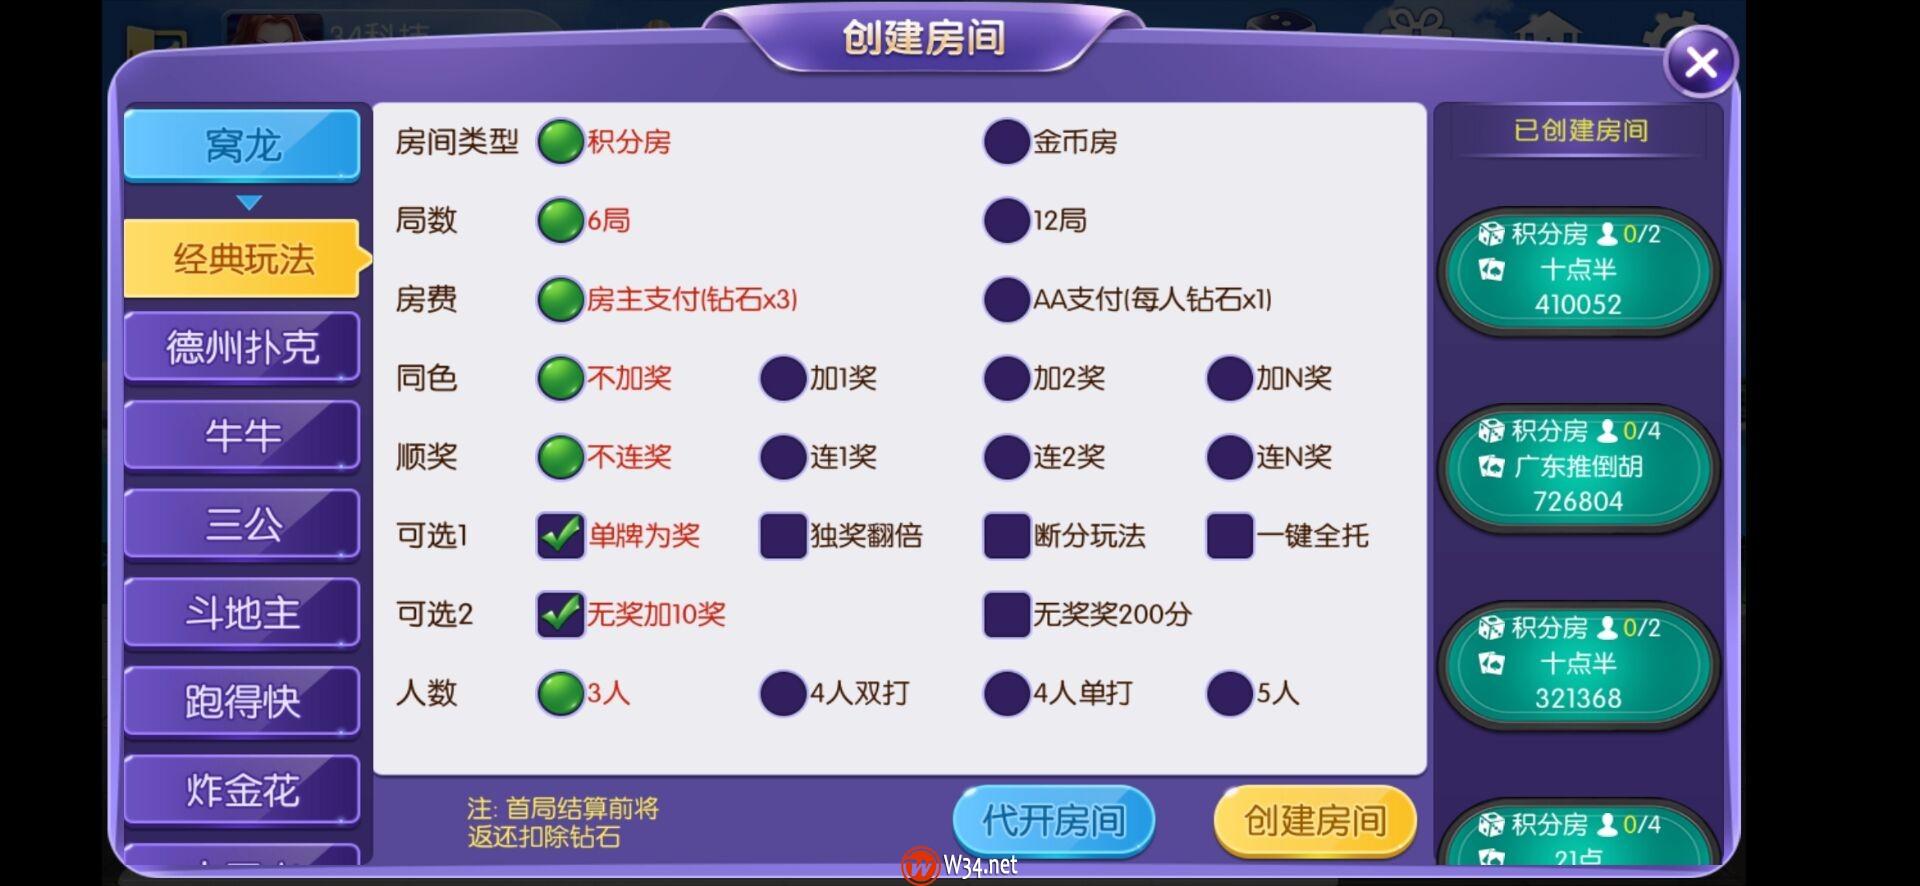 五游联盟双模式-带视频教程插图(26)